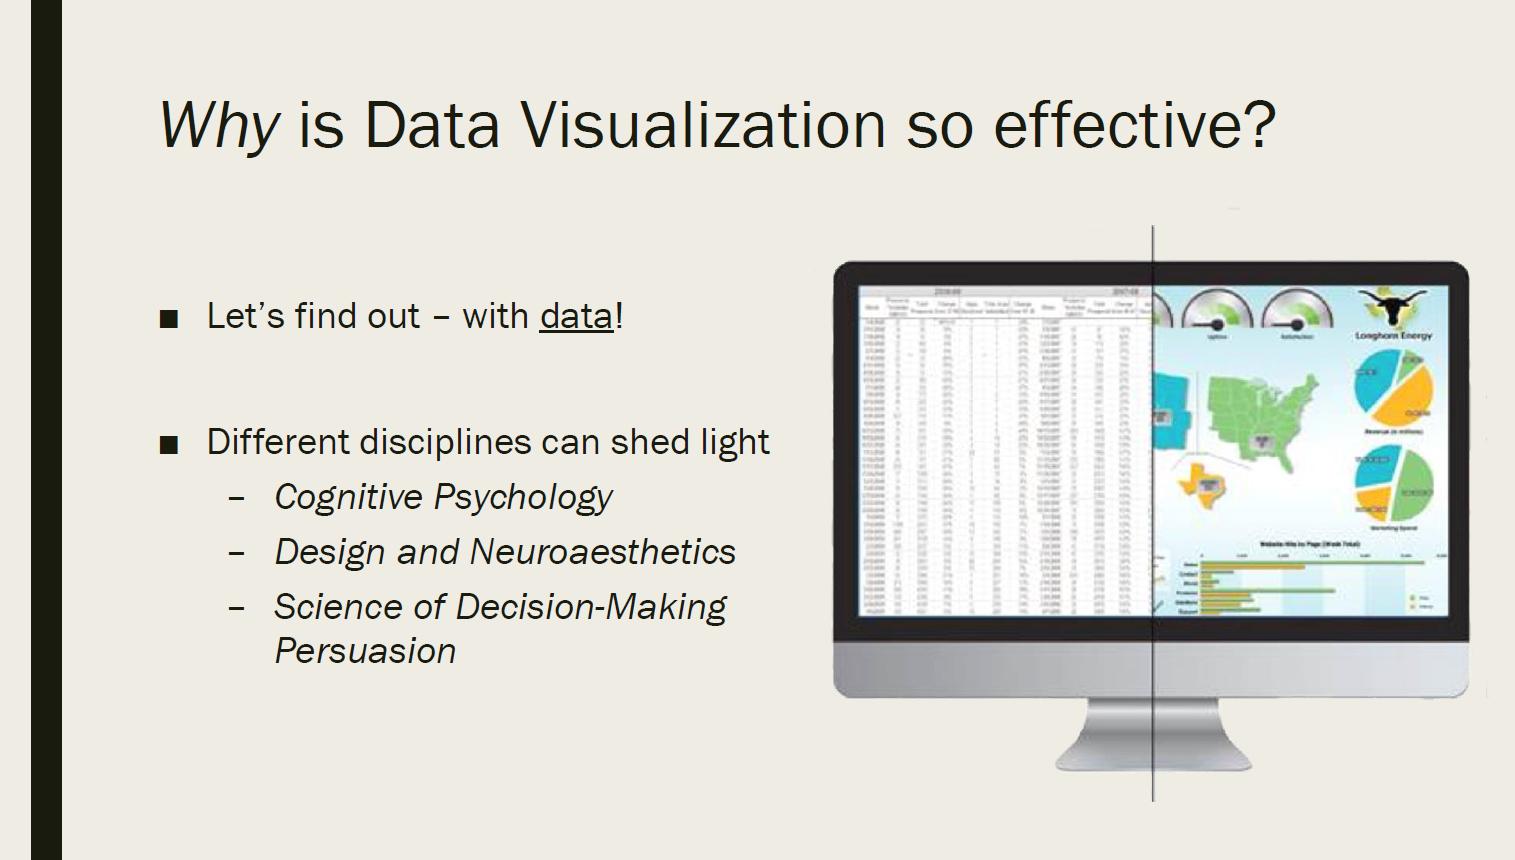 Jennifer Horne's presentation slide